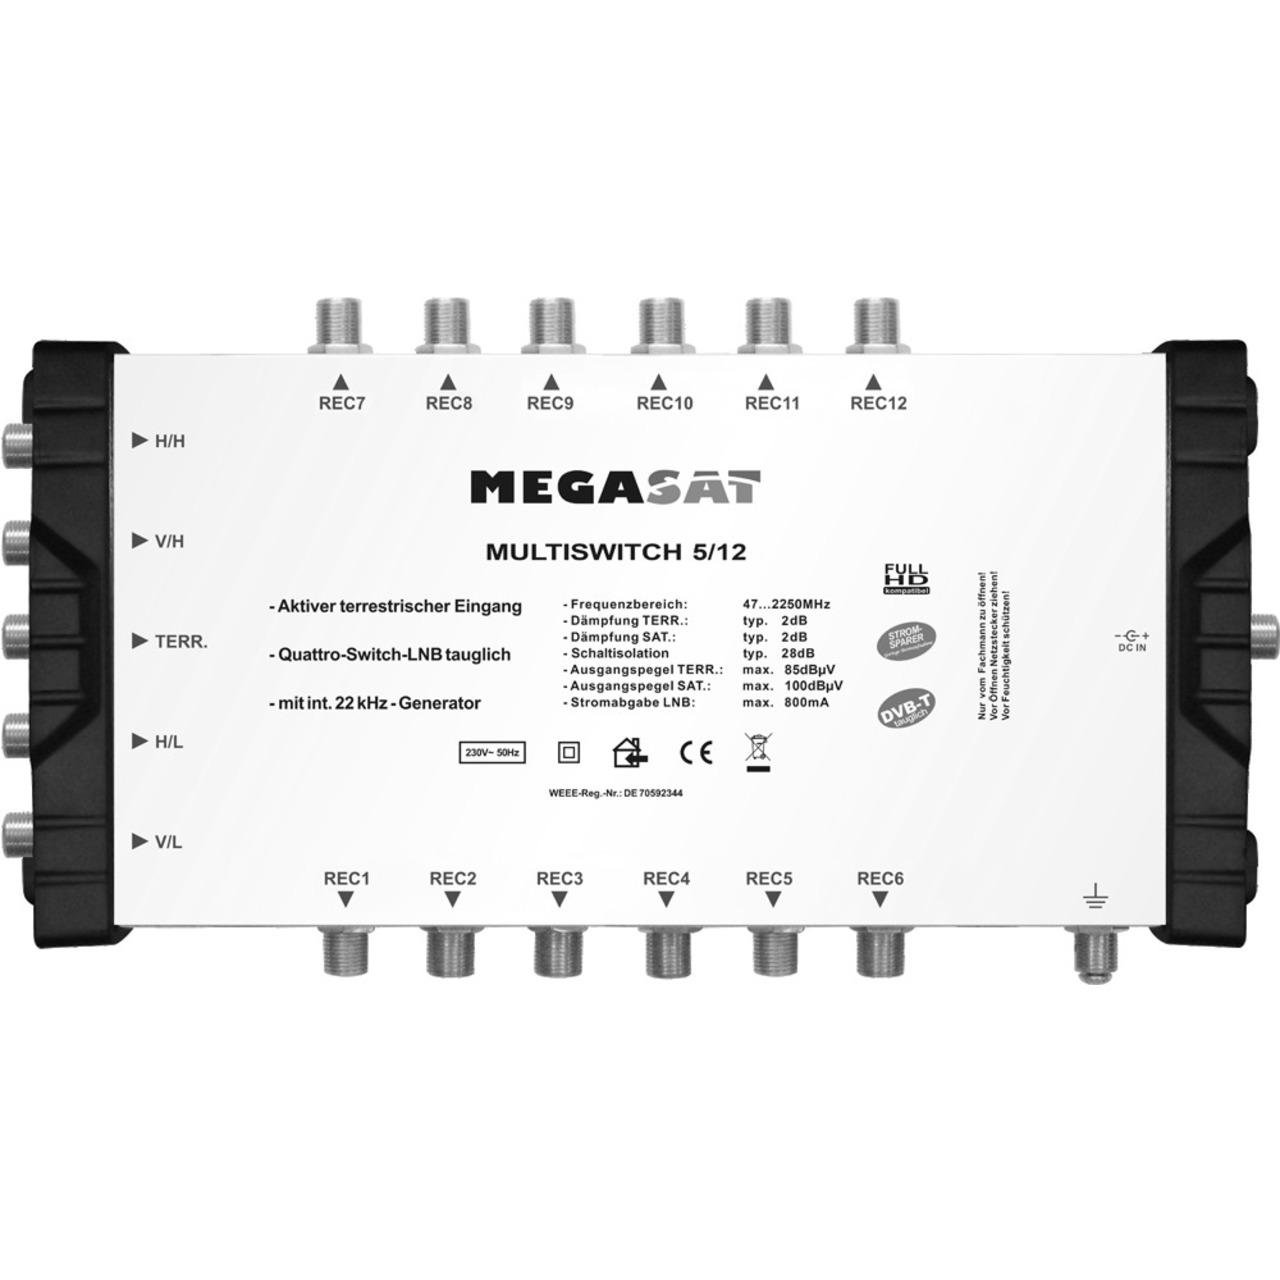 Megasat Multischalter 5-12- 1 Satellit- 12 Teilnehmer